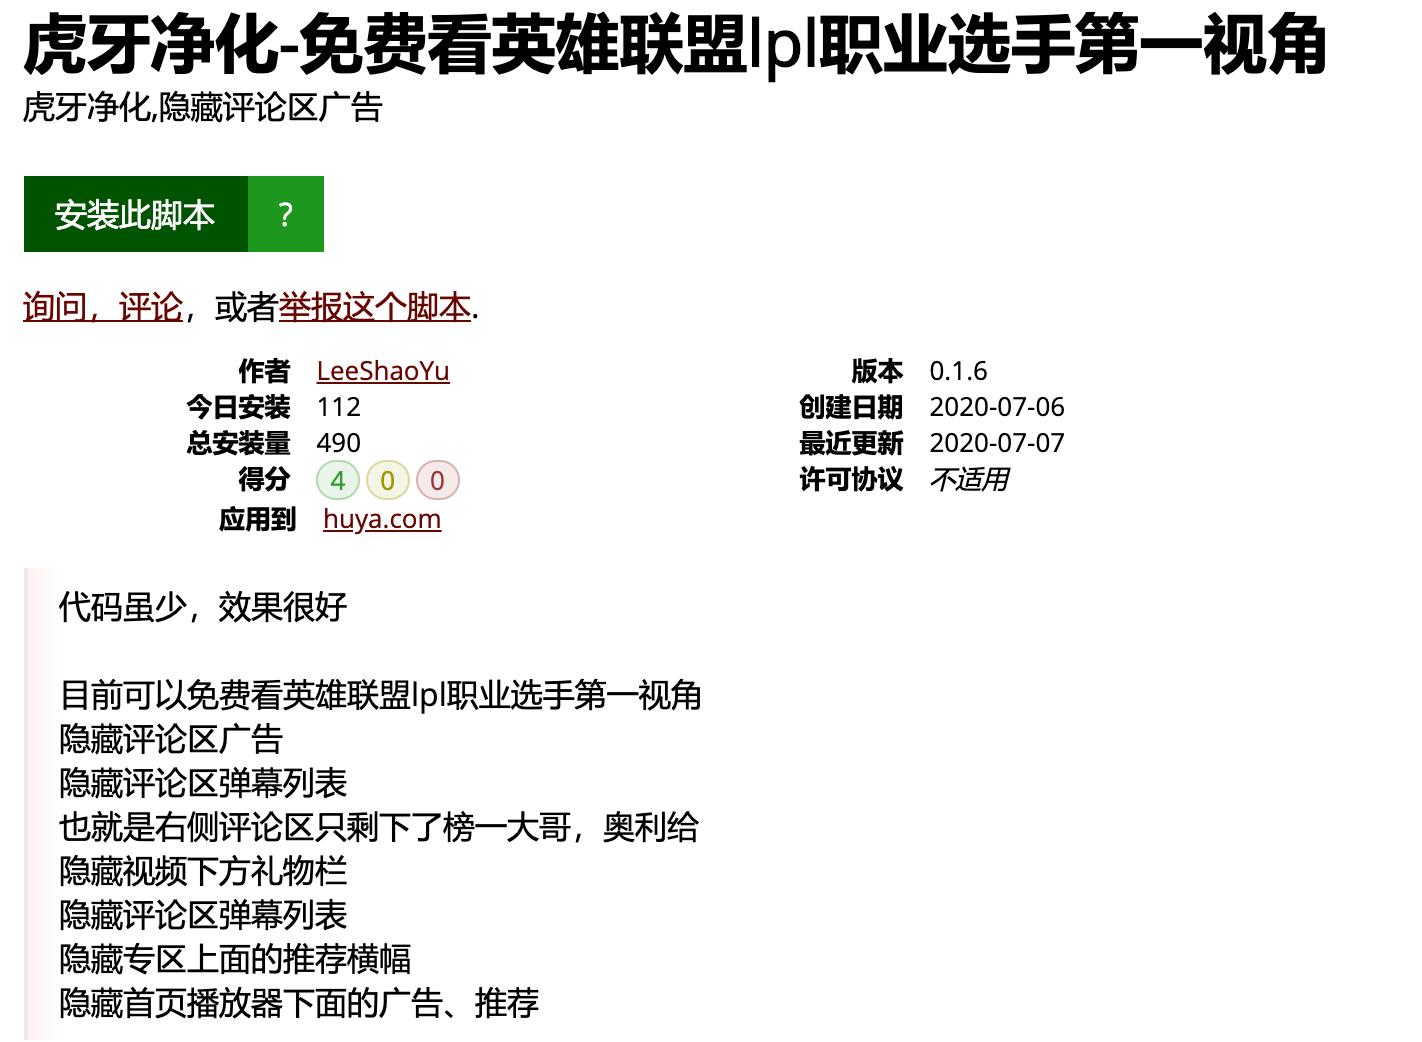 huaya-youhou-chajian1